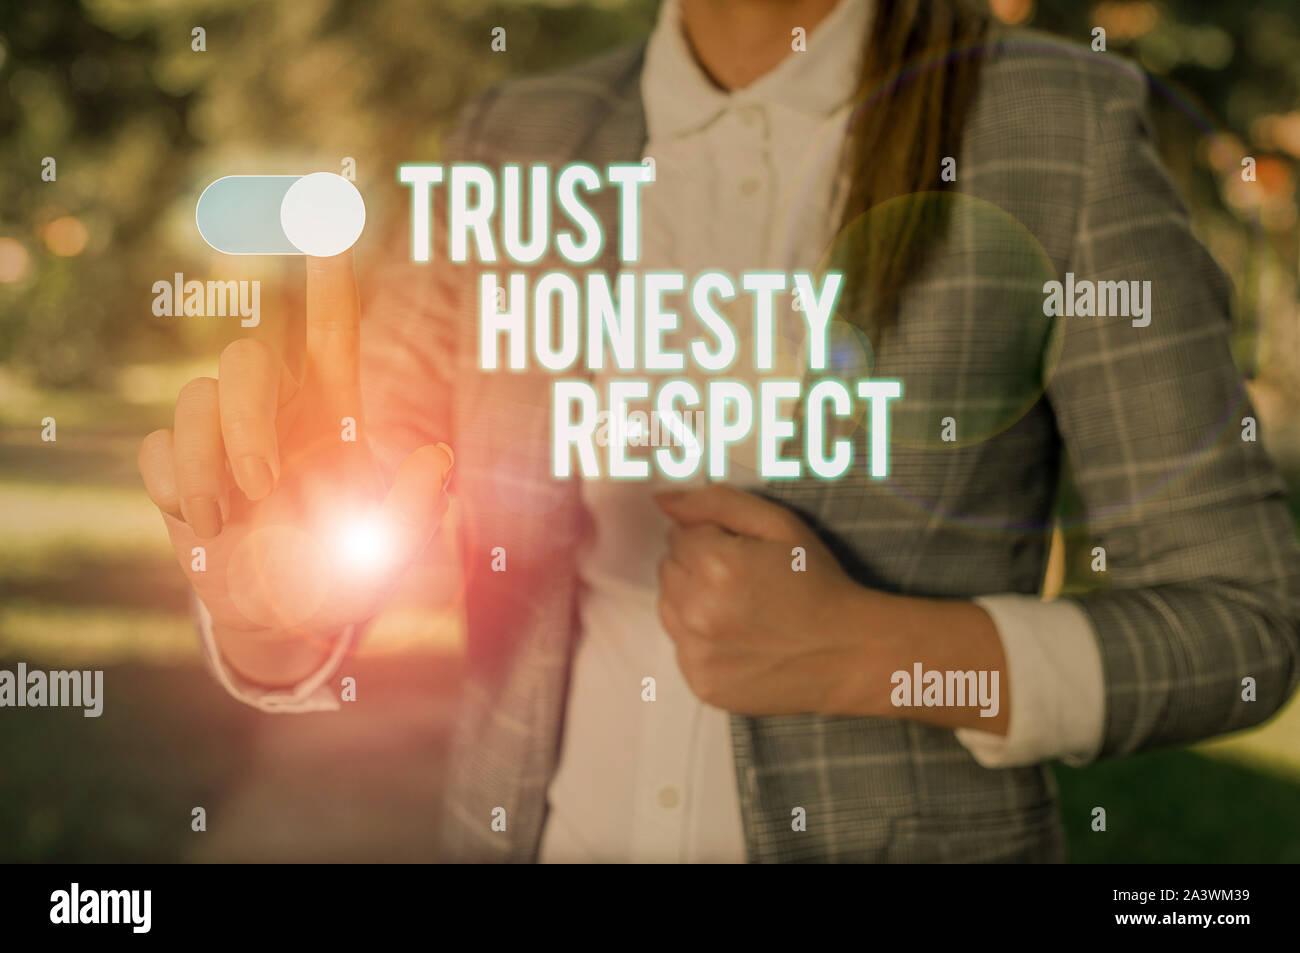 Signe texte montrant la confiance l'honnêteté le respect. Photo d'entreprise présentant des traits respectables une facette de bonne moralité Femme Combinaison de travail formel usure prés Banque D'Images